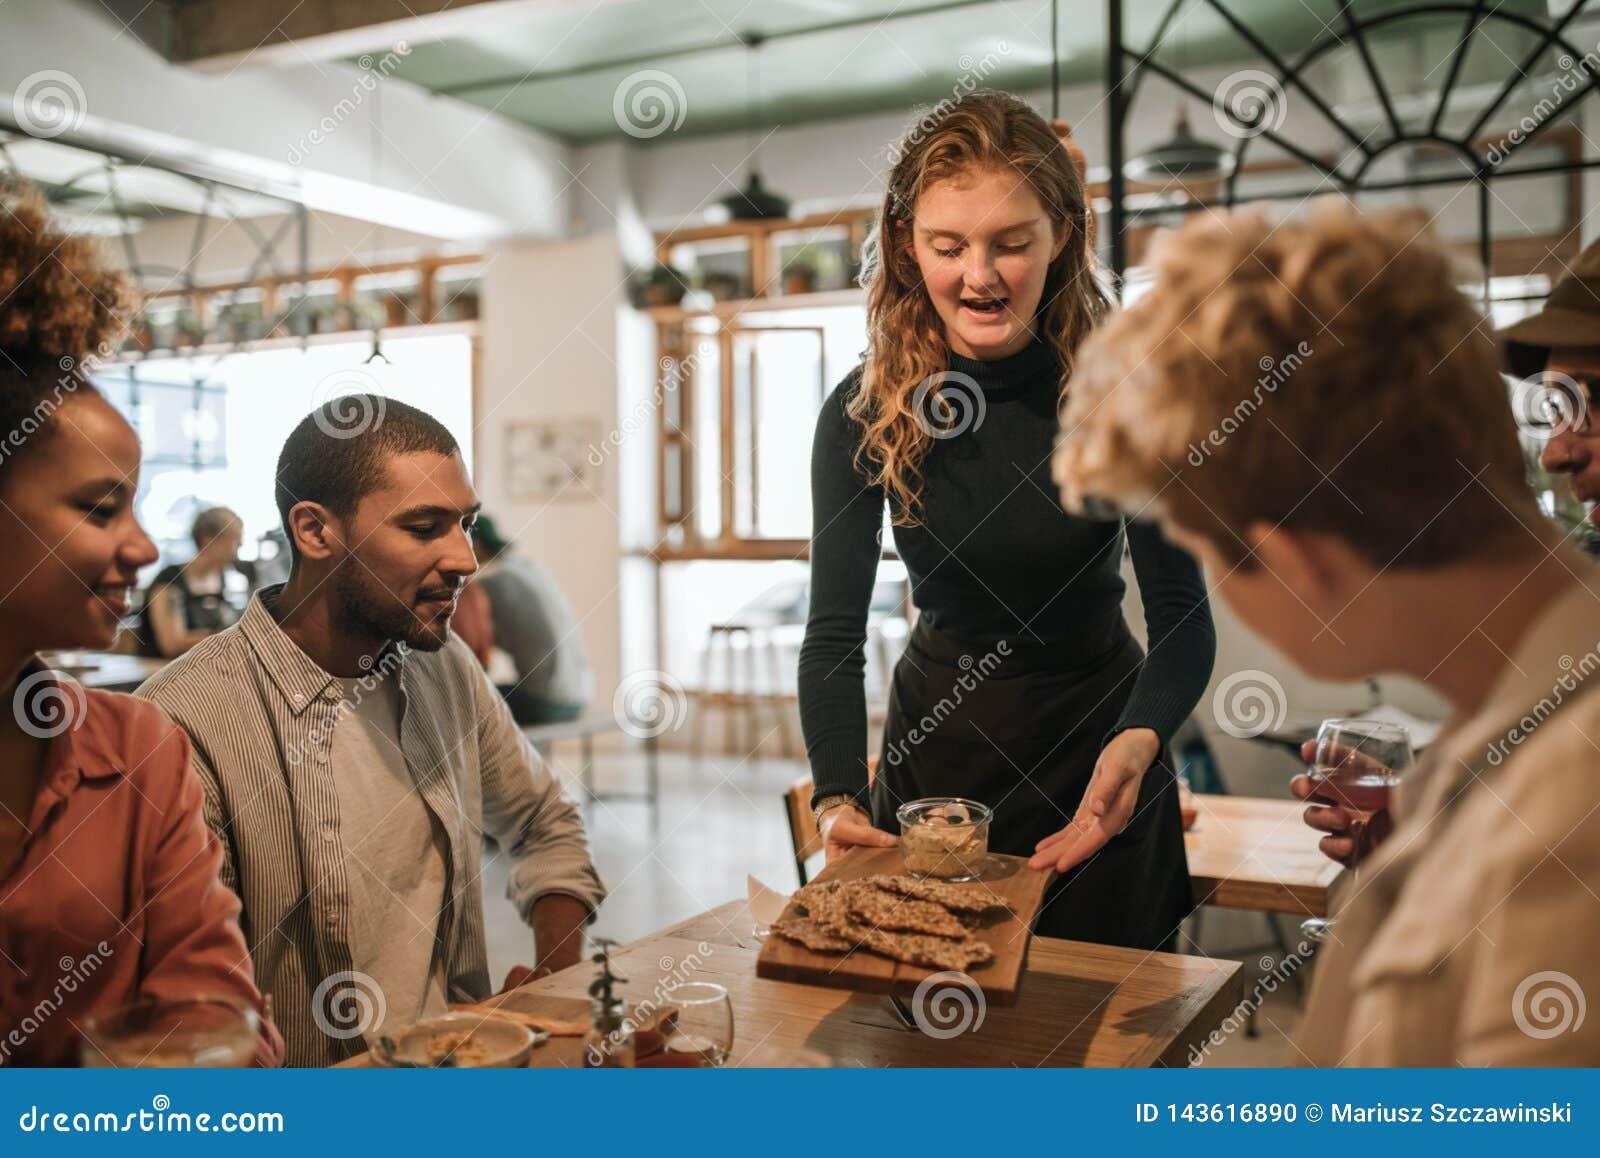 Lächelnde Kellnerin, die Nahrung zu einem Tabelle von Kunden holt